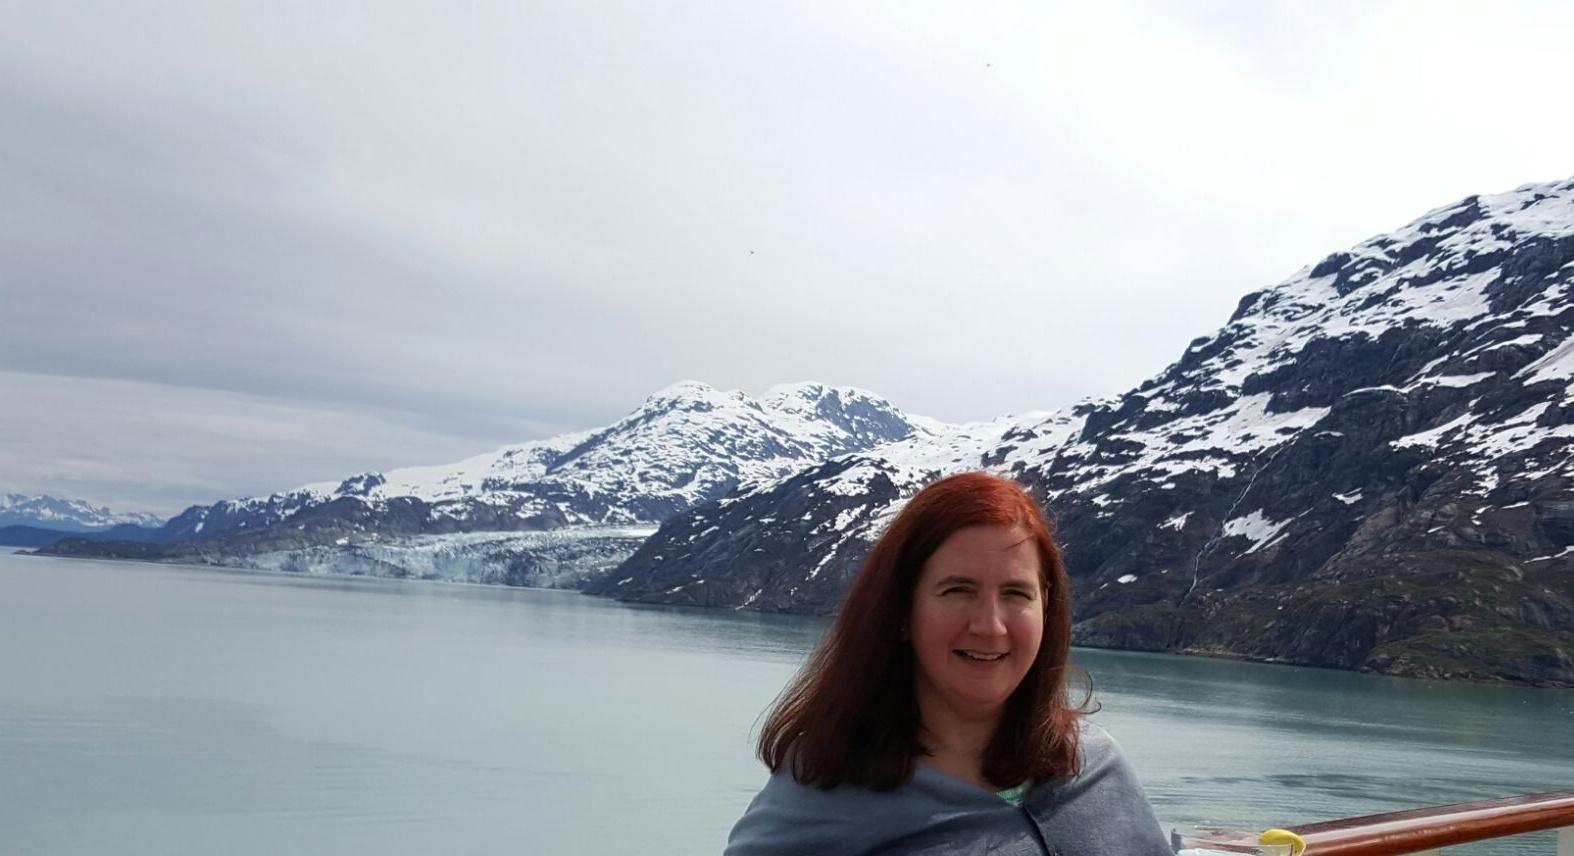 CAPAStudyAbroad_Parent_Interview_-_Nancy_Carey_-_Mother_of_CAPA_Dublin_Alumna_Liz_Carey_-_Nancy_in_Alaska_with_her_mom-146528-edited.jpg